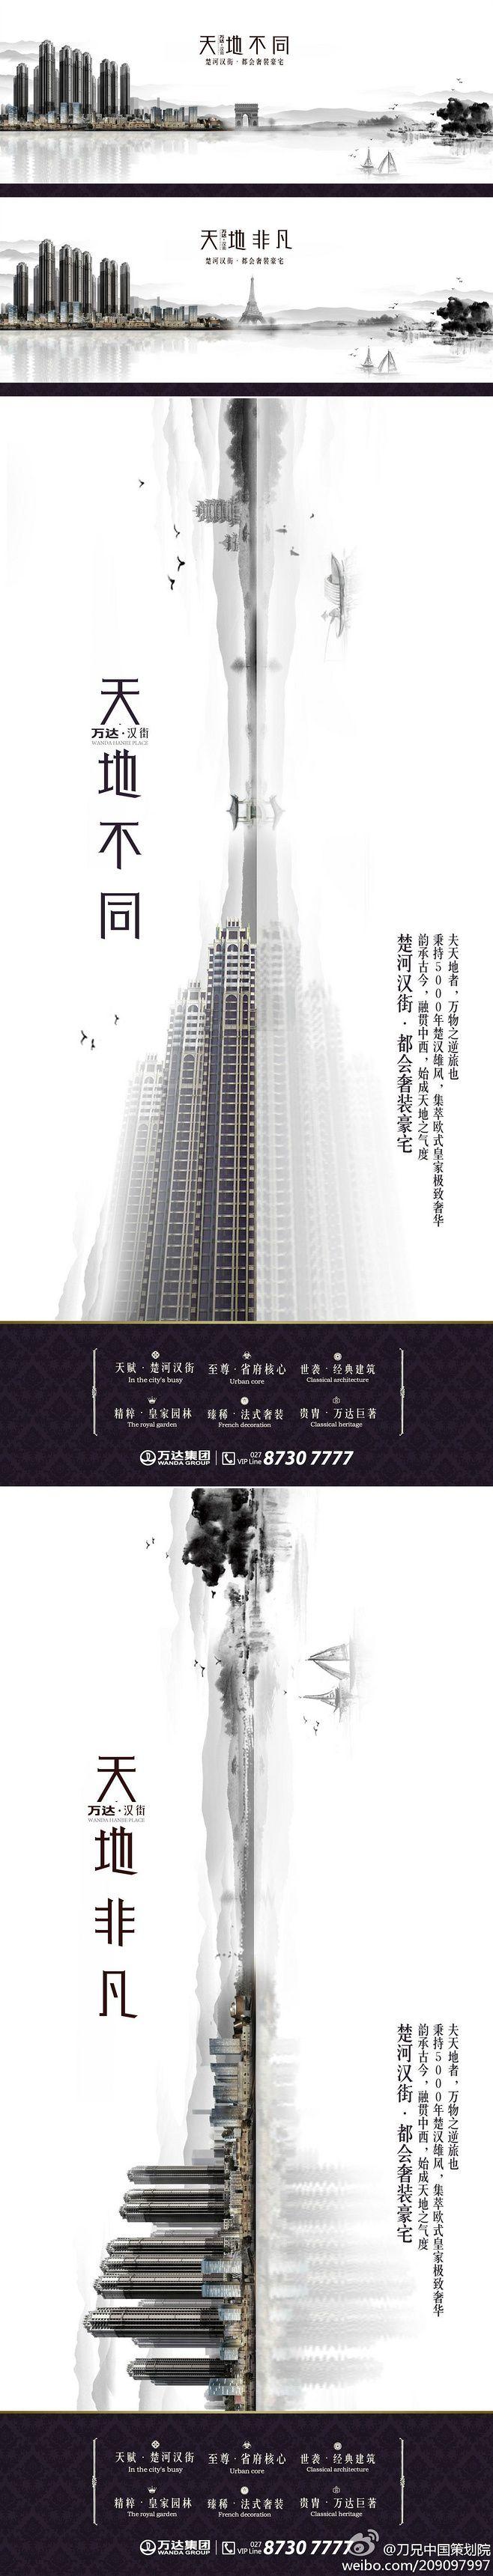 地产 | 万达·汉街 #地产广告#